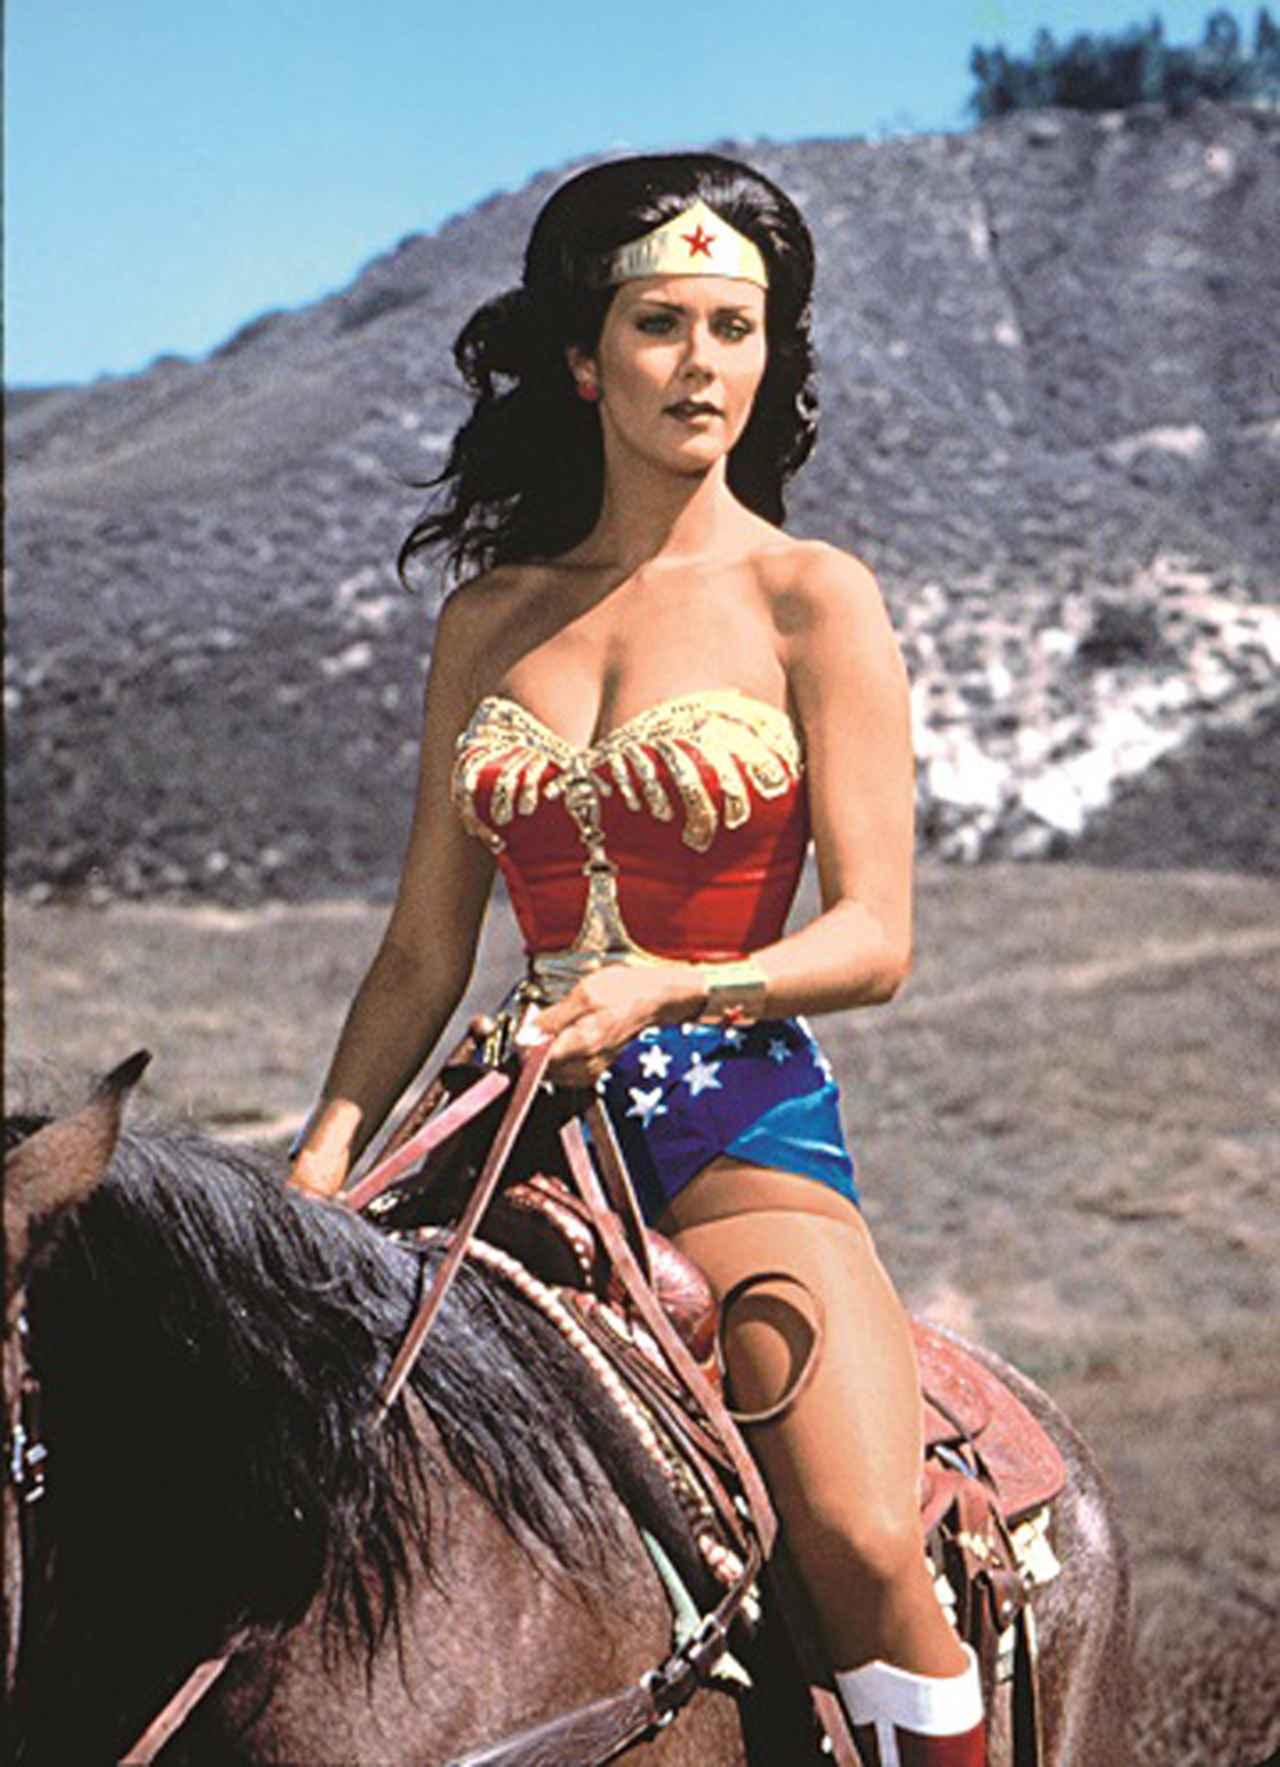 画像: TVシリーズ版「ワンダーウーマン」©1975,1976,1977 Warner Bros. Entertainment Inc. All Rights Reserved.